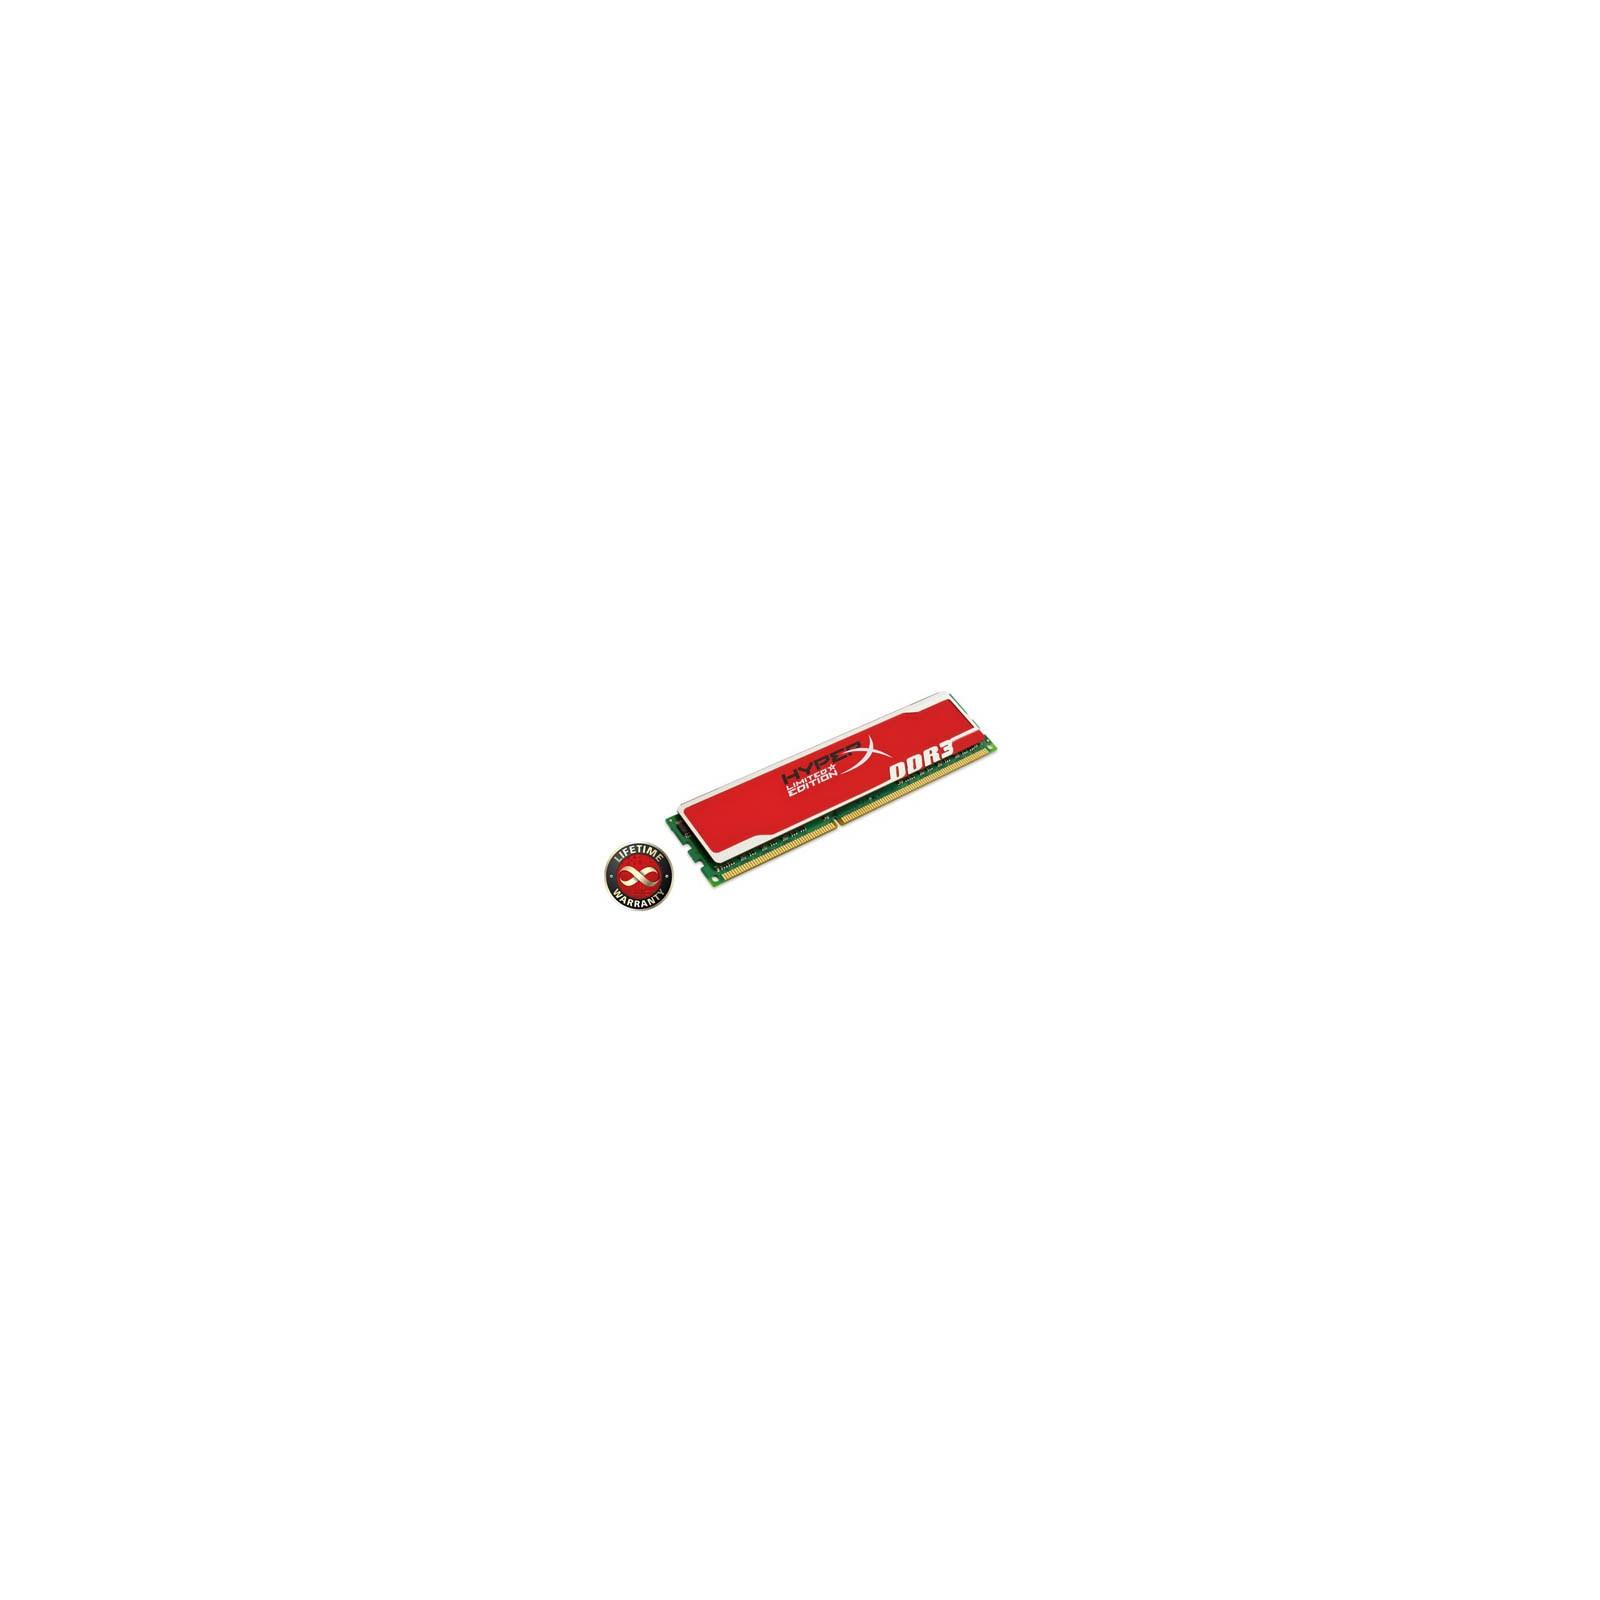 Модуль памяти для компьютера DDR3 8GB 1600 MHz Kingston (KHX16C10B1R/8)